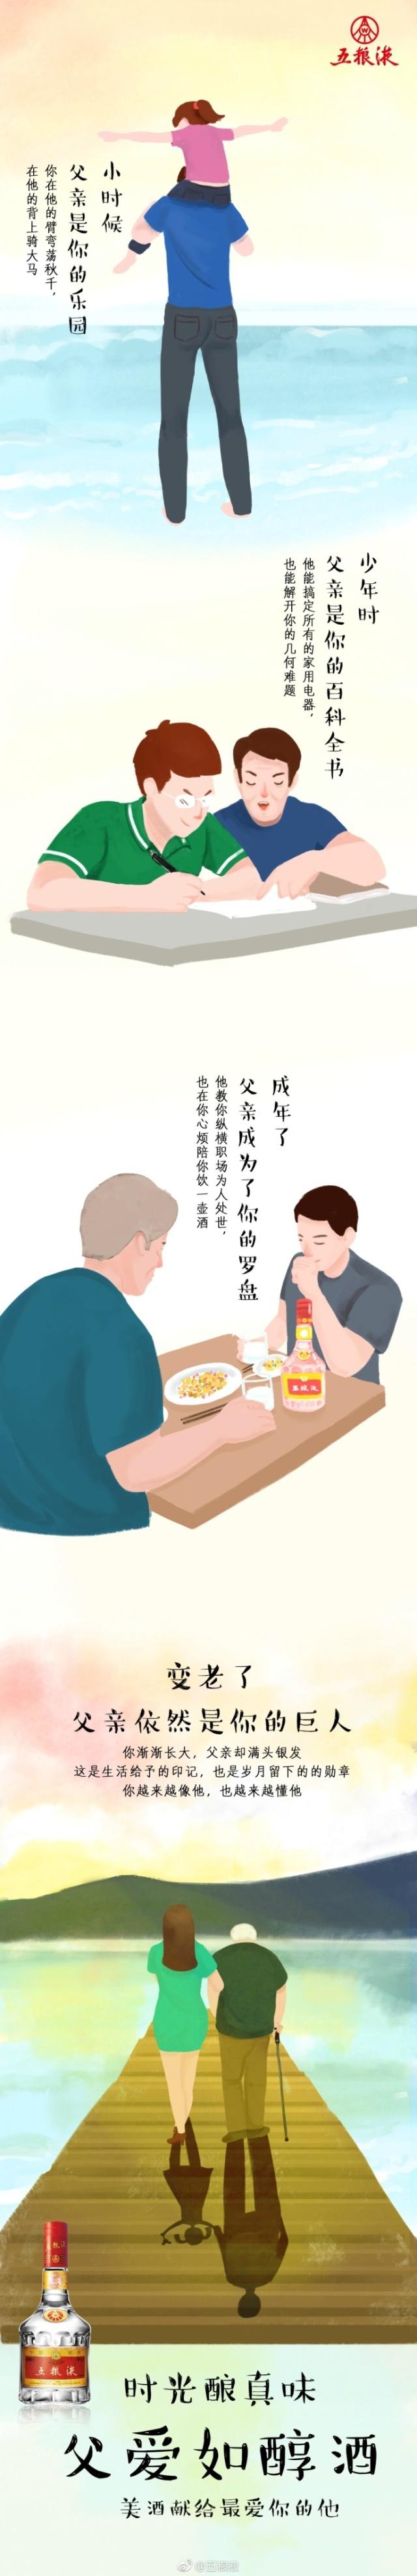 父亲节营销海报,暖心更扎心~_突袭娱乐_突袭网